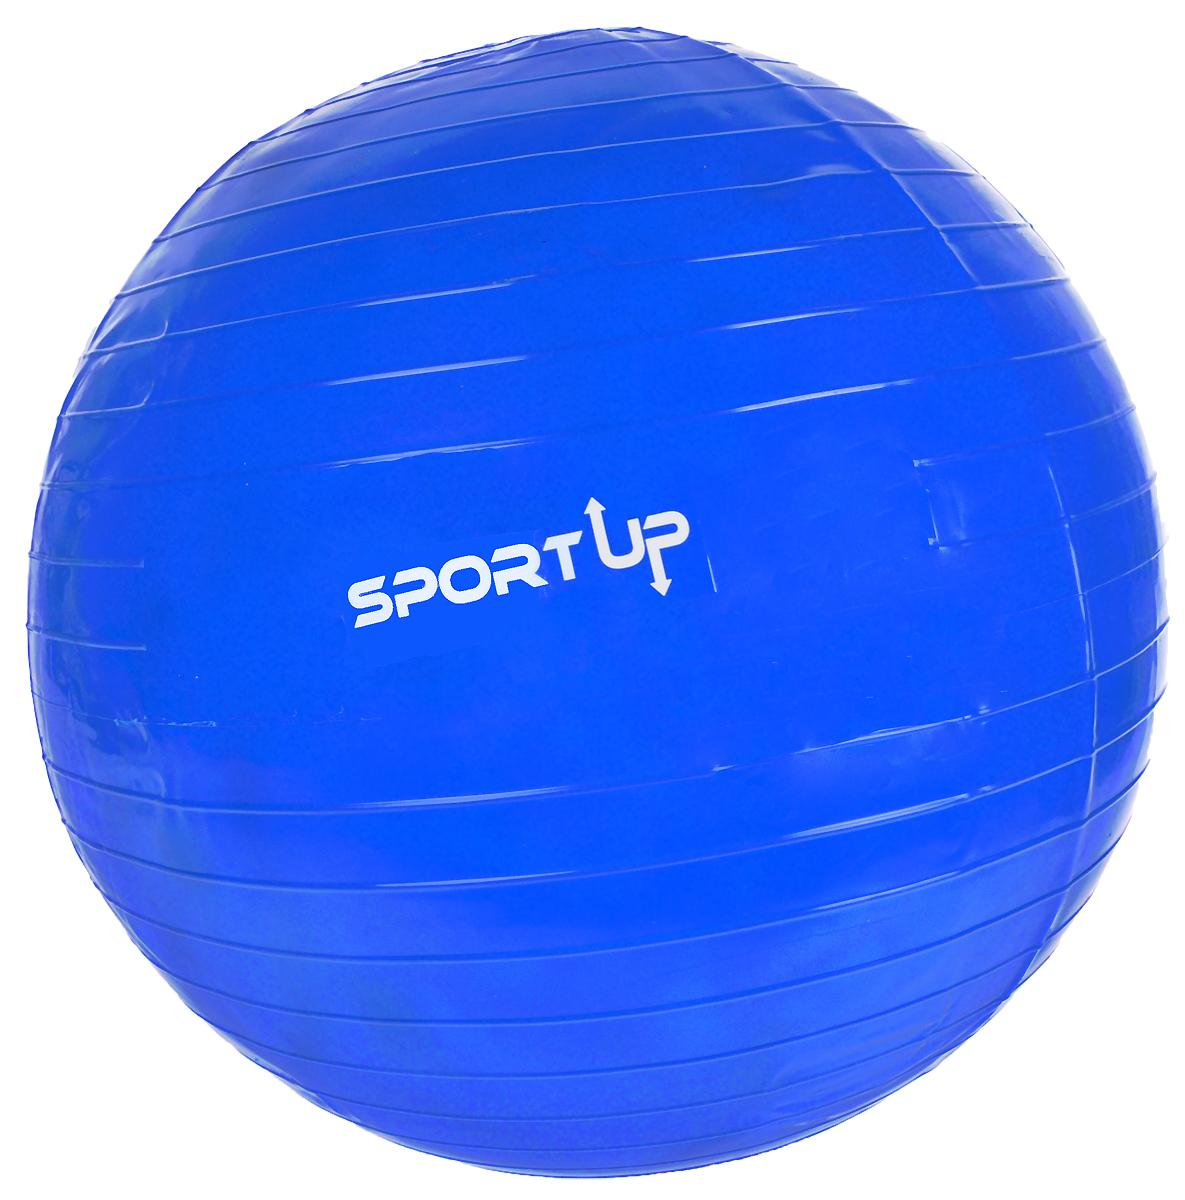 Фитбол Sport UP, цвет: голубой, диаметр 75 смIR97402/75Фитбол Sport UP, изготовленный из полимерных материалов, идеально подходит для упражнений на растяжку, укрепляющих и тонизирующих упражнений. Благодаря легкому массажному эффекту улучшает циркуляцию крови.Не важно новичок вы или опытный спортсмен, фитбол позволяет повысить эффективность ваших тренировок.Насос в комплекте.Максимальный вес пользователя: 100 кг.Максимальная статическая нагрузка: 250 кг.